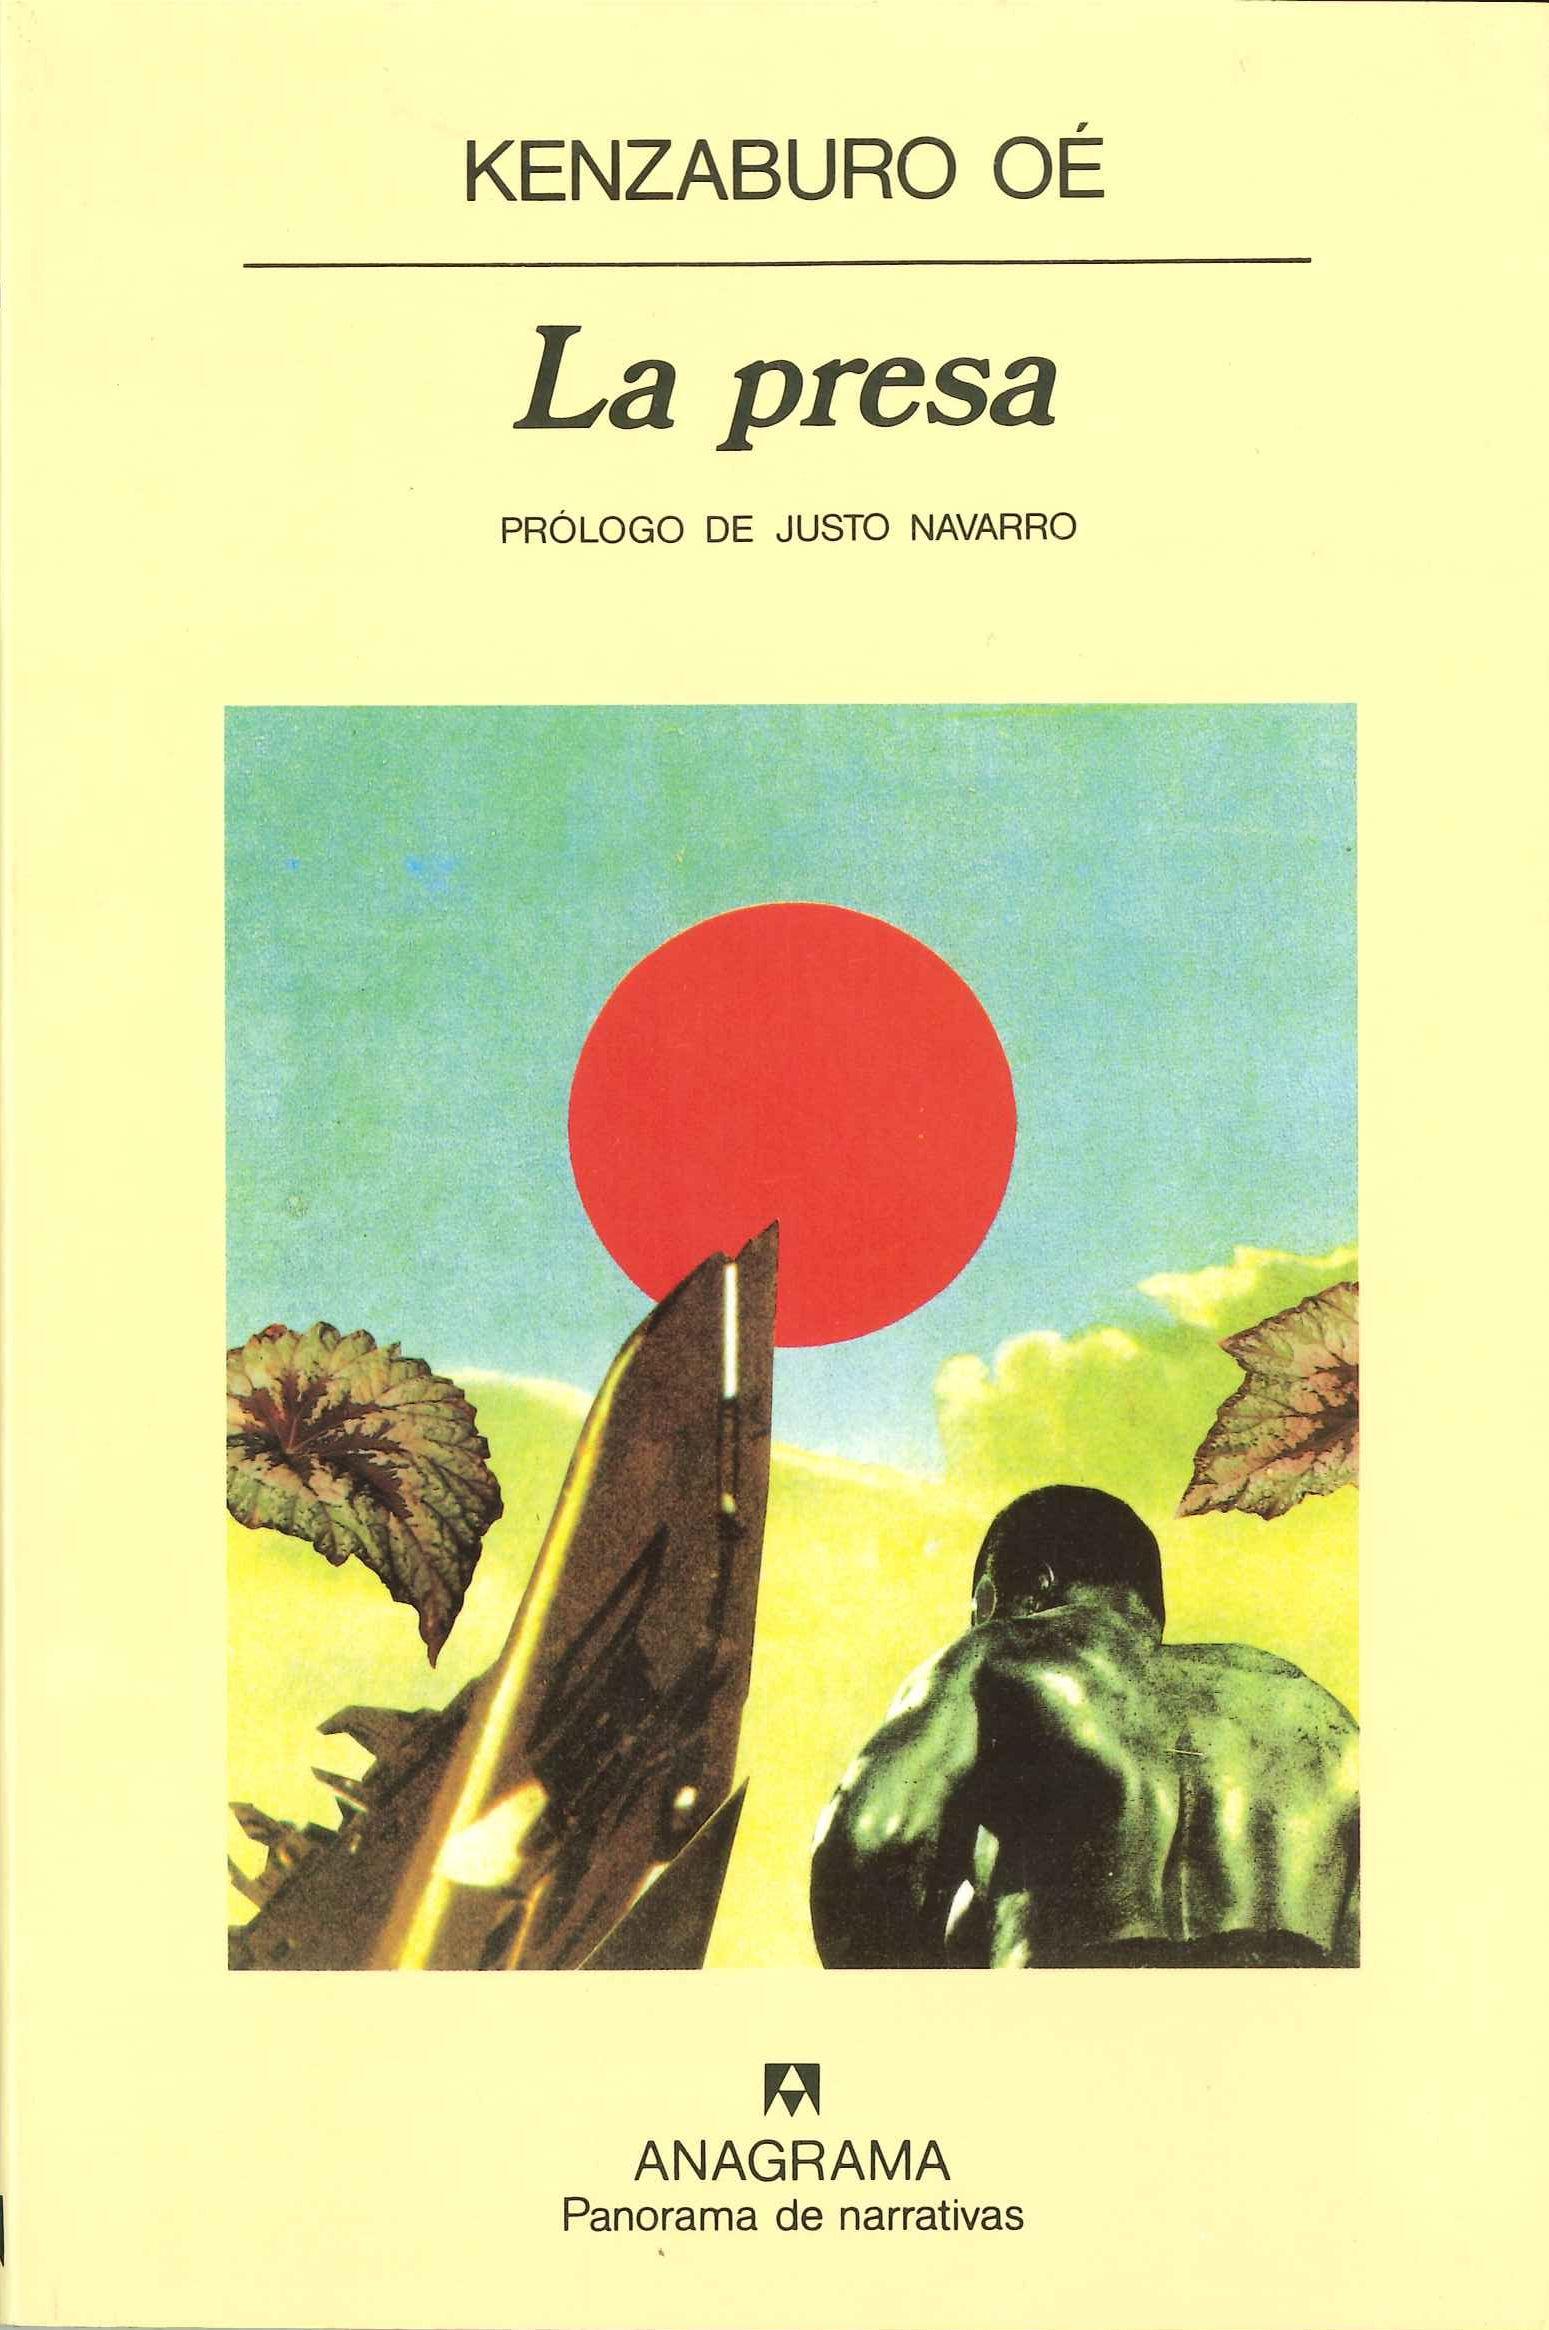 La presa - Oé, Kenzaburo - 978-84-339-0667-0 - Editorial Anagrama